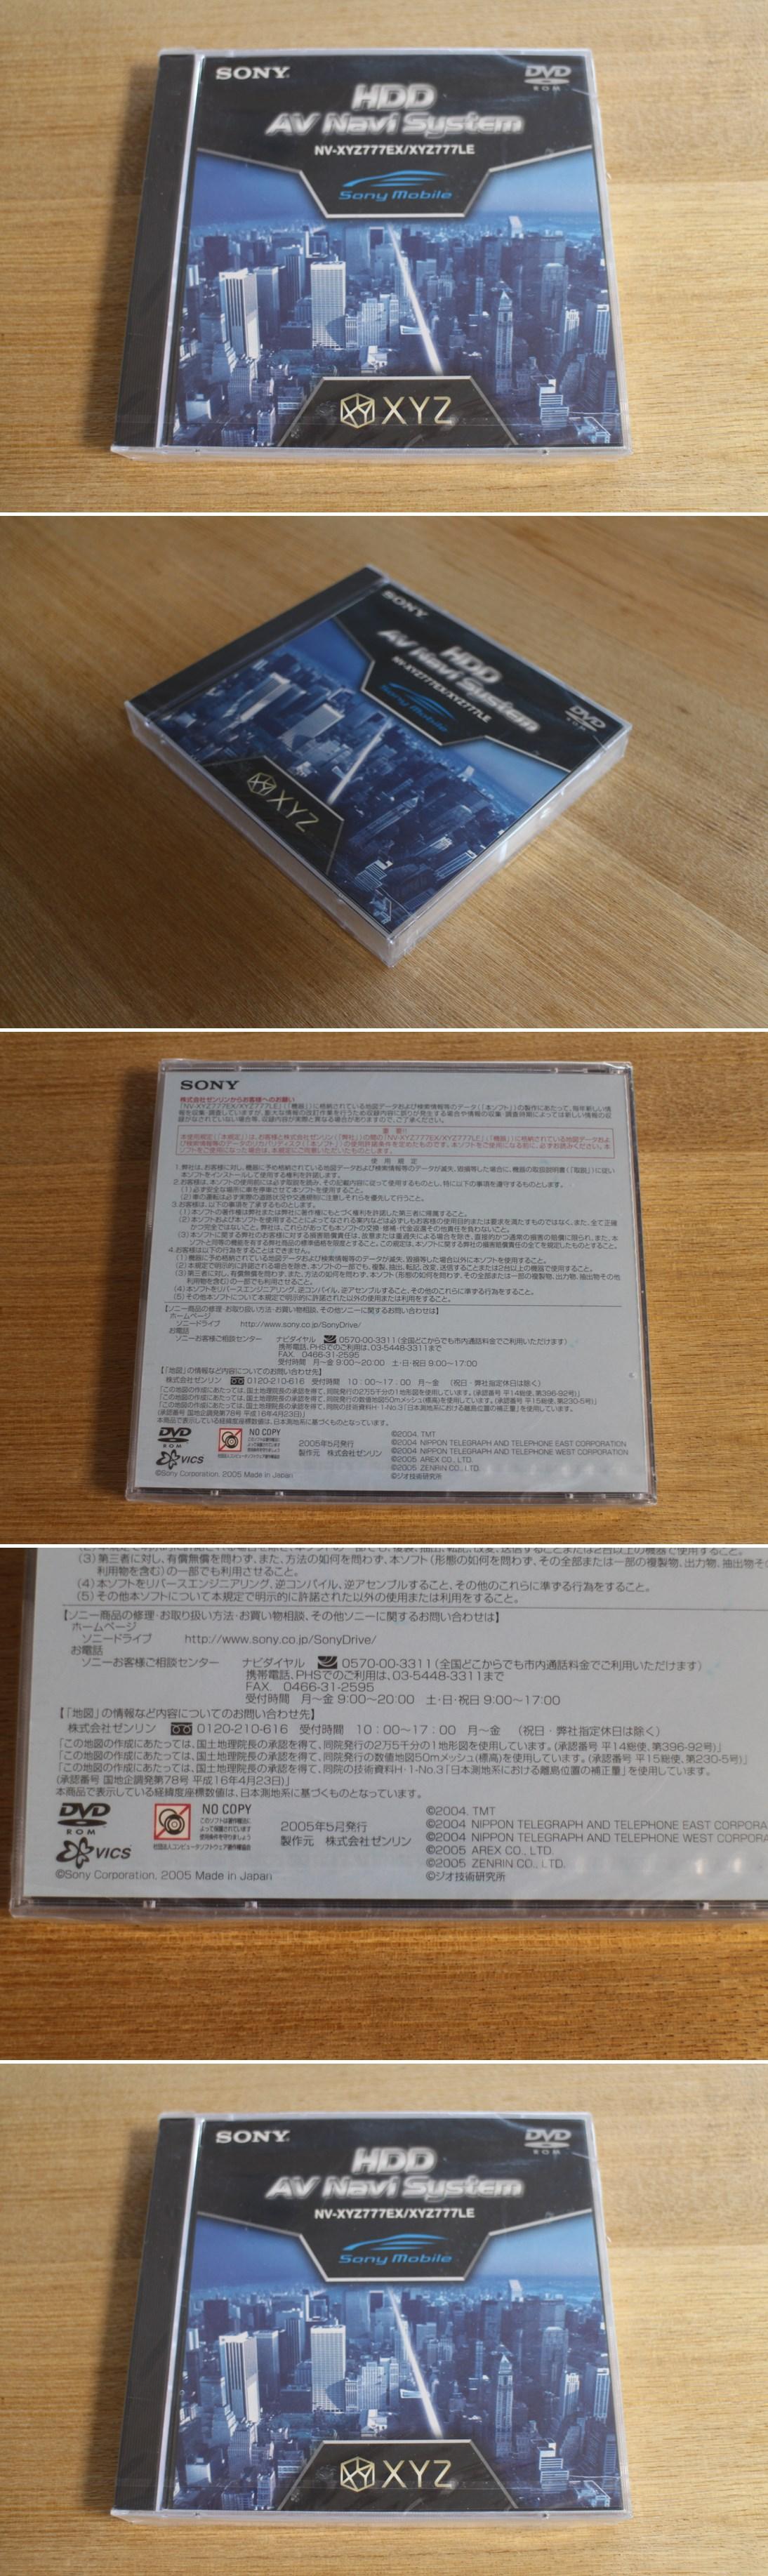 77avdvd_sony avナビゲーションシステム nv-xyz77ex/xyz777le dvd未开封